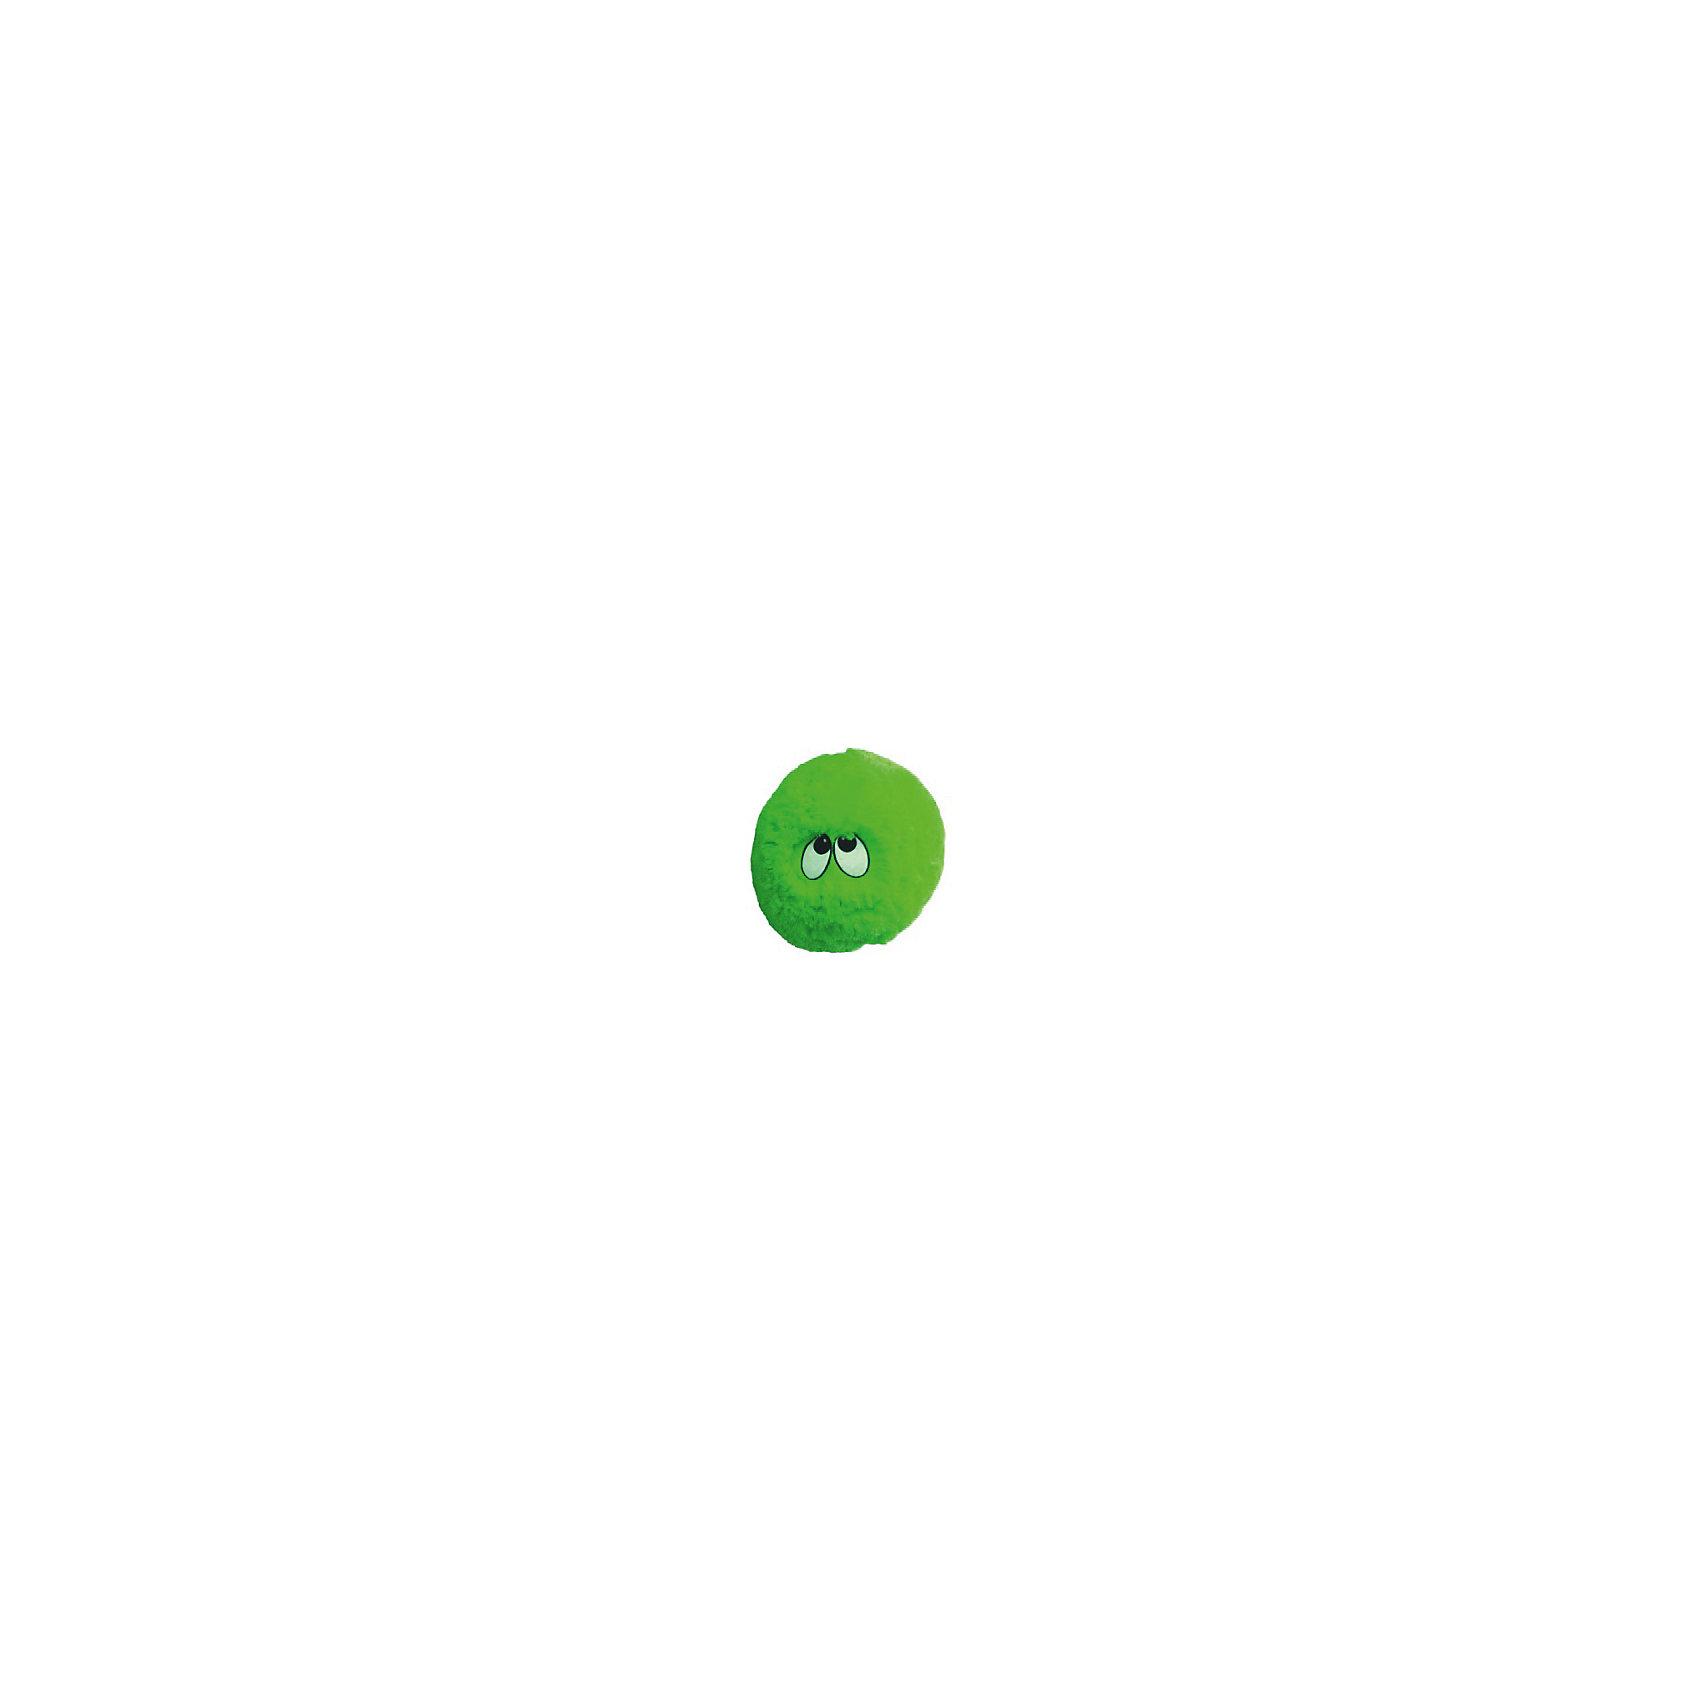 Игрушка Мягкий Камень, Small Toys, салатовыйДетские предметы интерьера<br>Характеристики:<br><br>• Материал верх: плюш, 100% <br>• Материал наполнитель: полиэстер, 100%<br>• Вес: 740 г<br>• Размеры (Д*Ш*В): 35*35*35 см<br>• Особенности ухода: сухая чистка<br><br>Игрушка Мягкий Камень, Small Toys, зеленый выполнена из плюша с ворсом средней длины. Представляет собой форму шара-камня с большими выразительными глазками. У игрушки отсутствуют пластиковые элементы, за счет чего она безопасна даже для самых маленьких детей.<br><br>Игрушку Мягкий Камень, Small Toys, зеленый можно купить в нашем интернет-магазине.<br><br>Ширина мм: 35<br>Глубина мм: 35<br>Высота мм: 35<br>Вес г: 740<br>Возраст от месяцев: 36<br>Возраст до месяцев: 1188<br>Пол: Унисекс<br>Возраст: Детский<br>SKU: 6727939